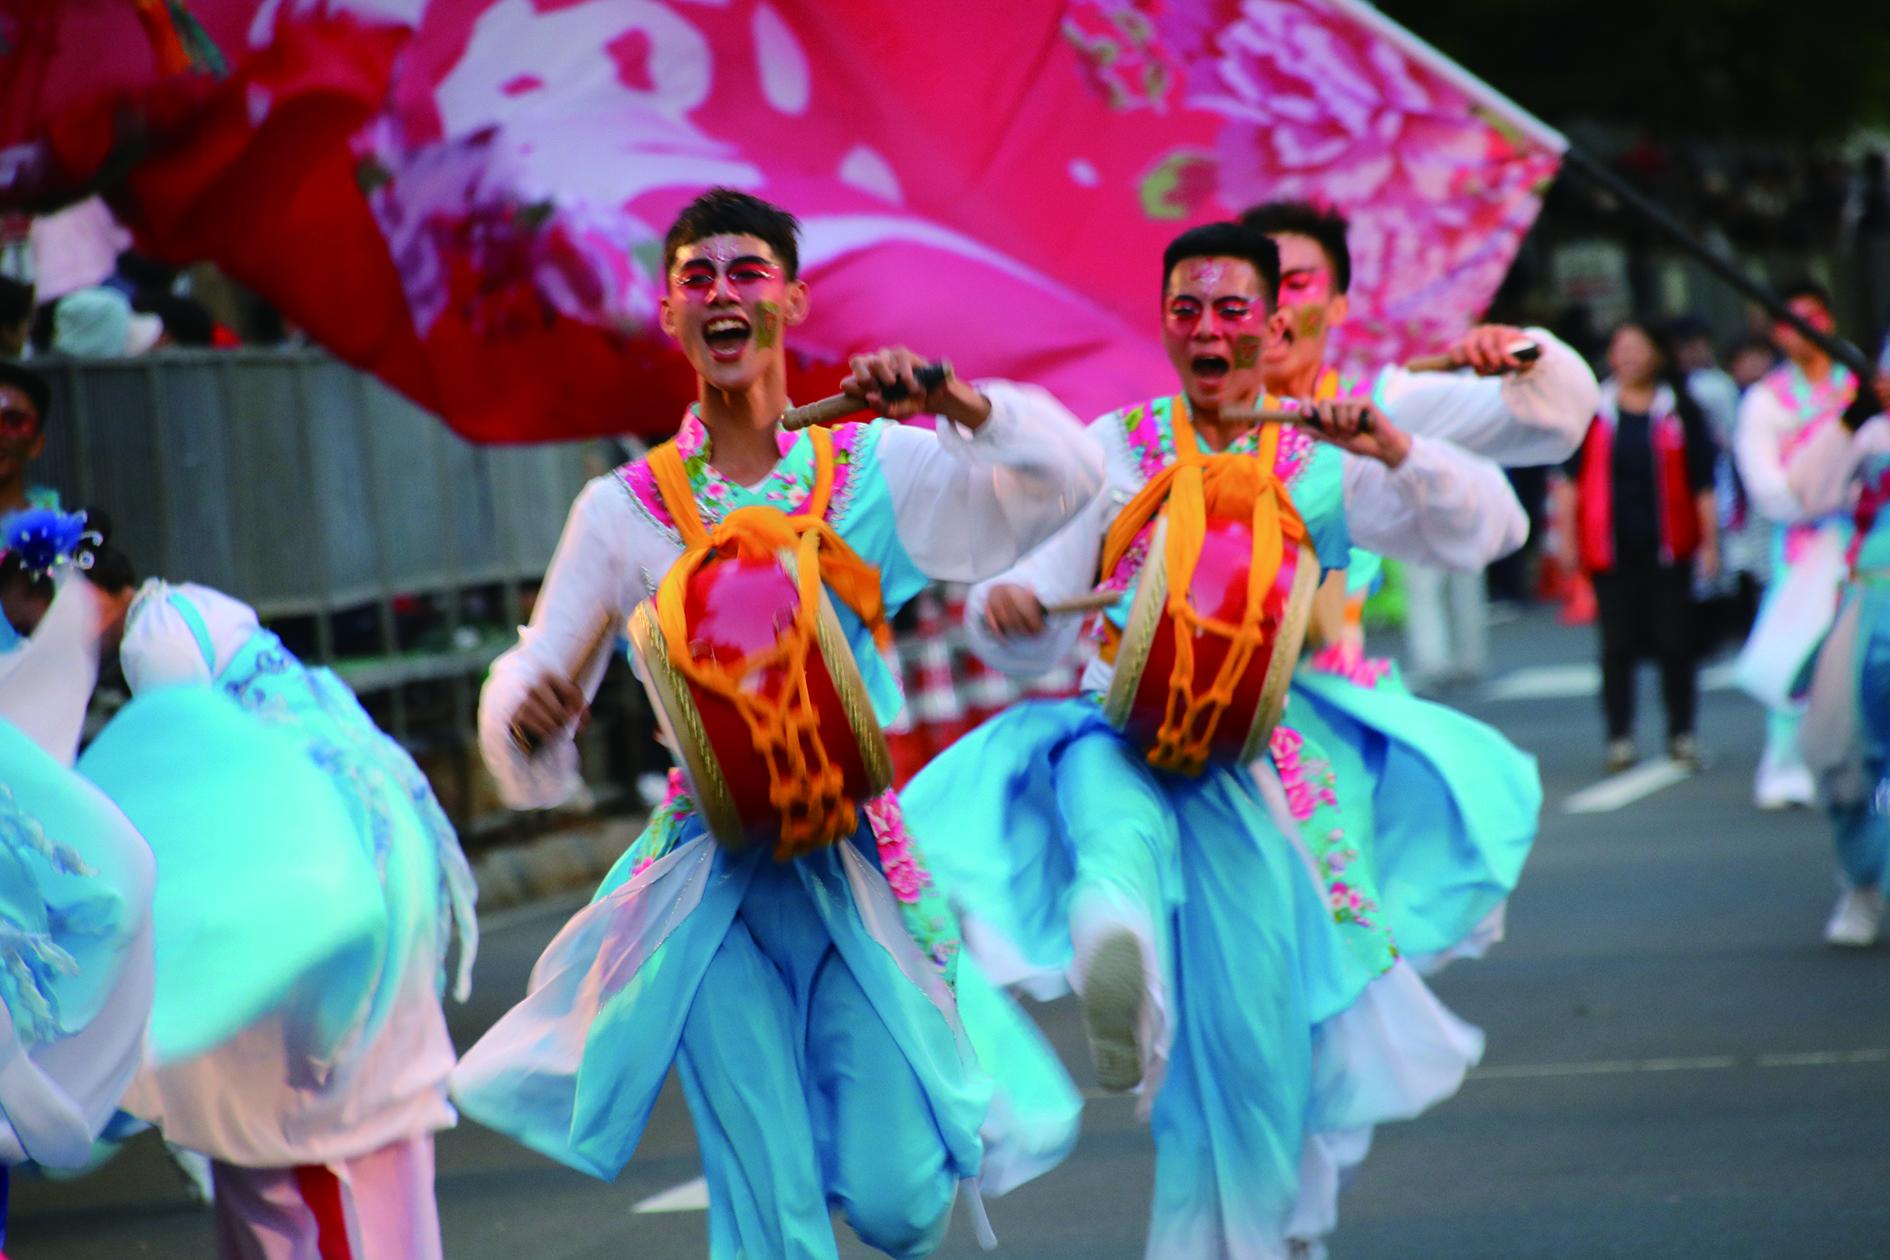 循著傳統文化DNA下的民族舞蹈內涵及精神為基礎,透過藝術家創作思維模式的運作,擴展觀眾欣賞新視野,開闢民族舞蹈發展邁入正確的新氣象。  .JPG